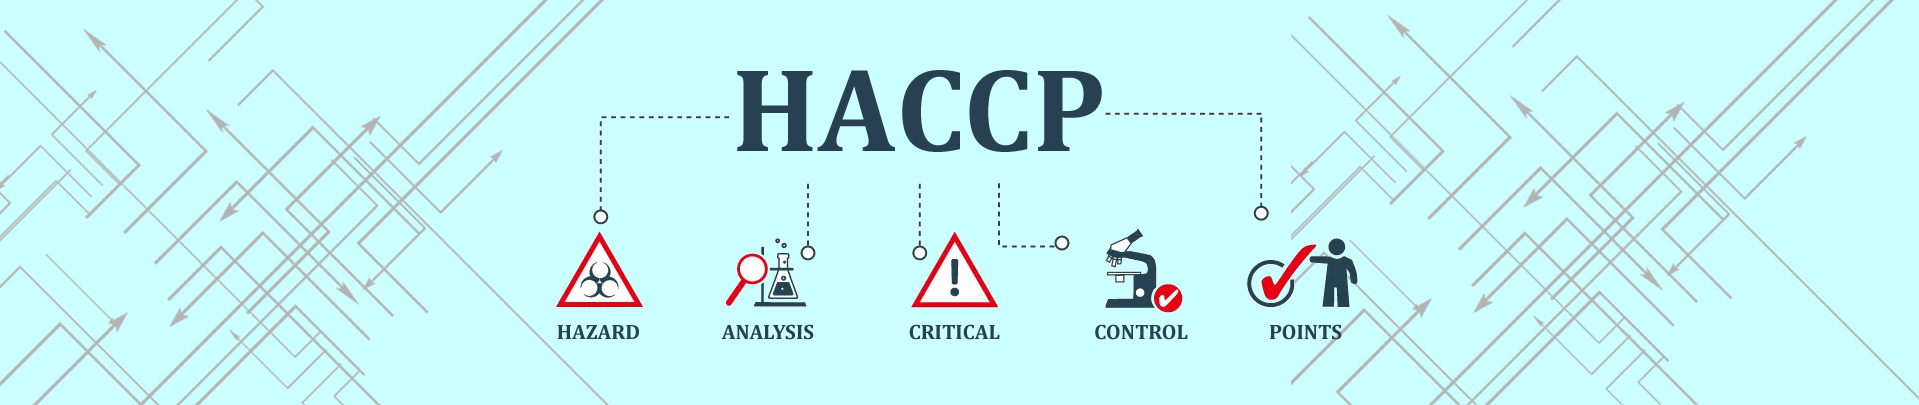 HAccp sicurezza alimentare